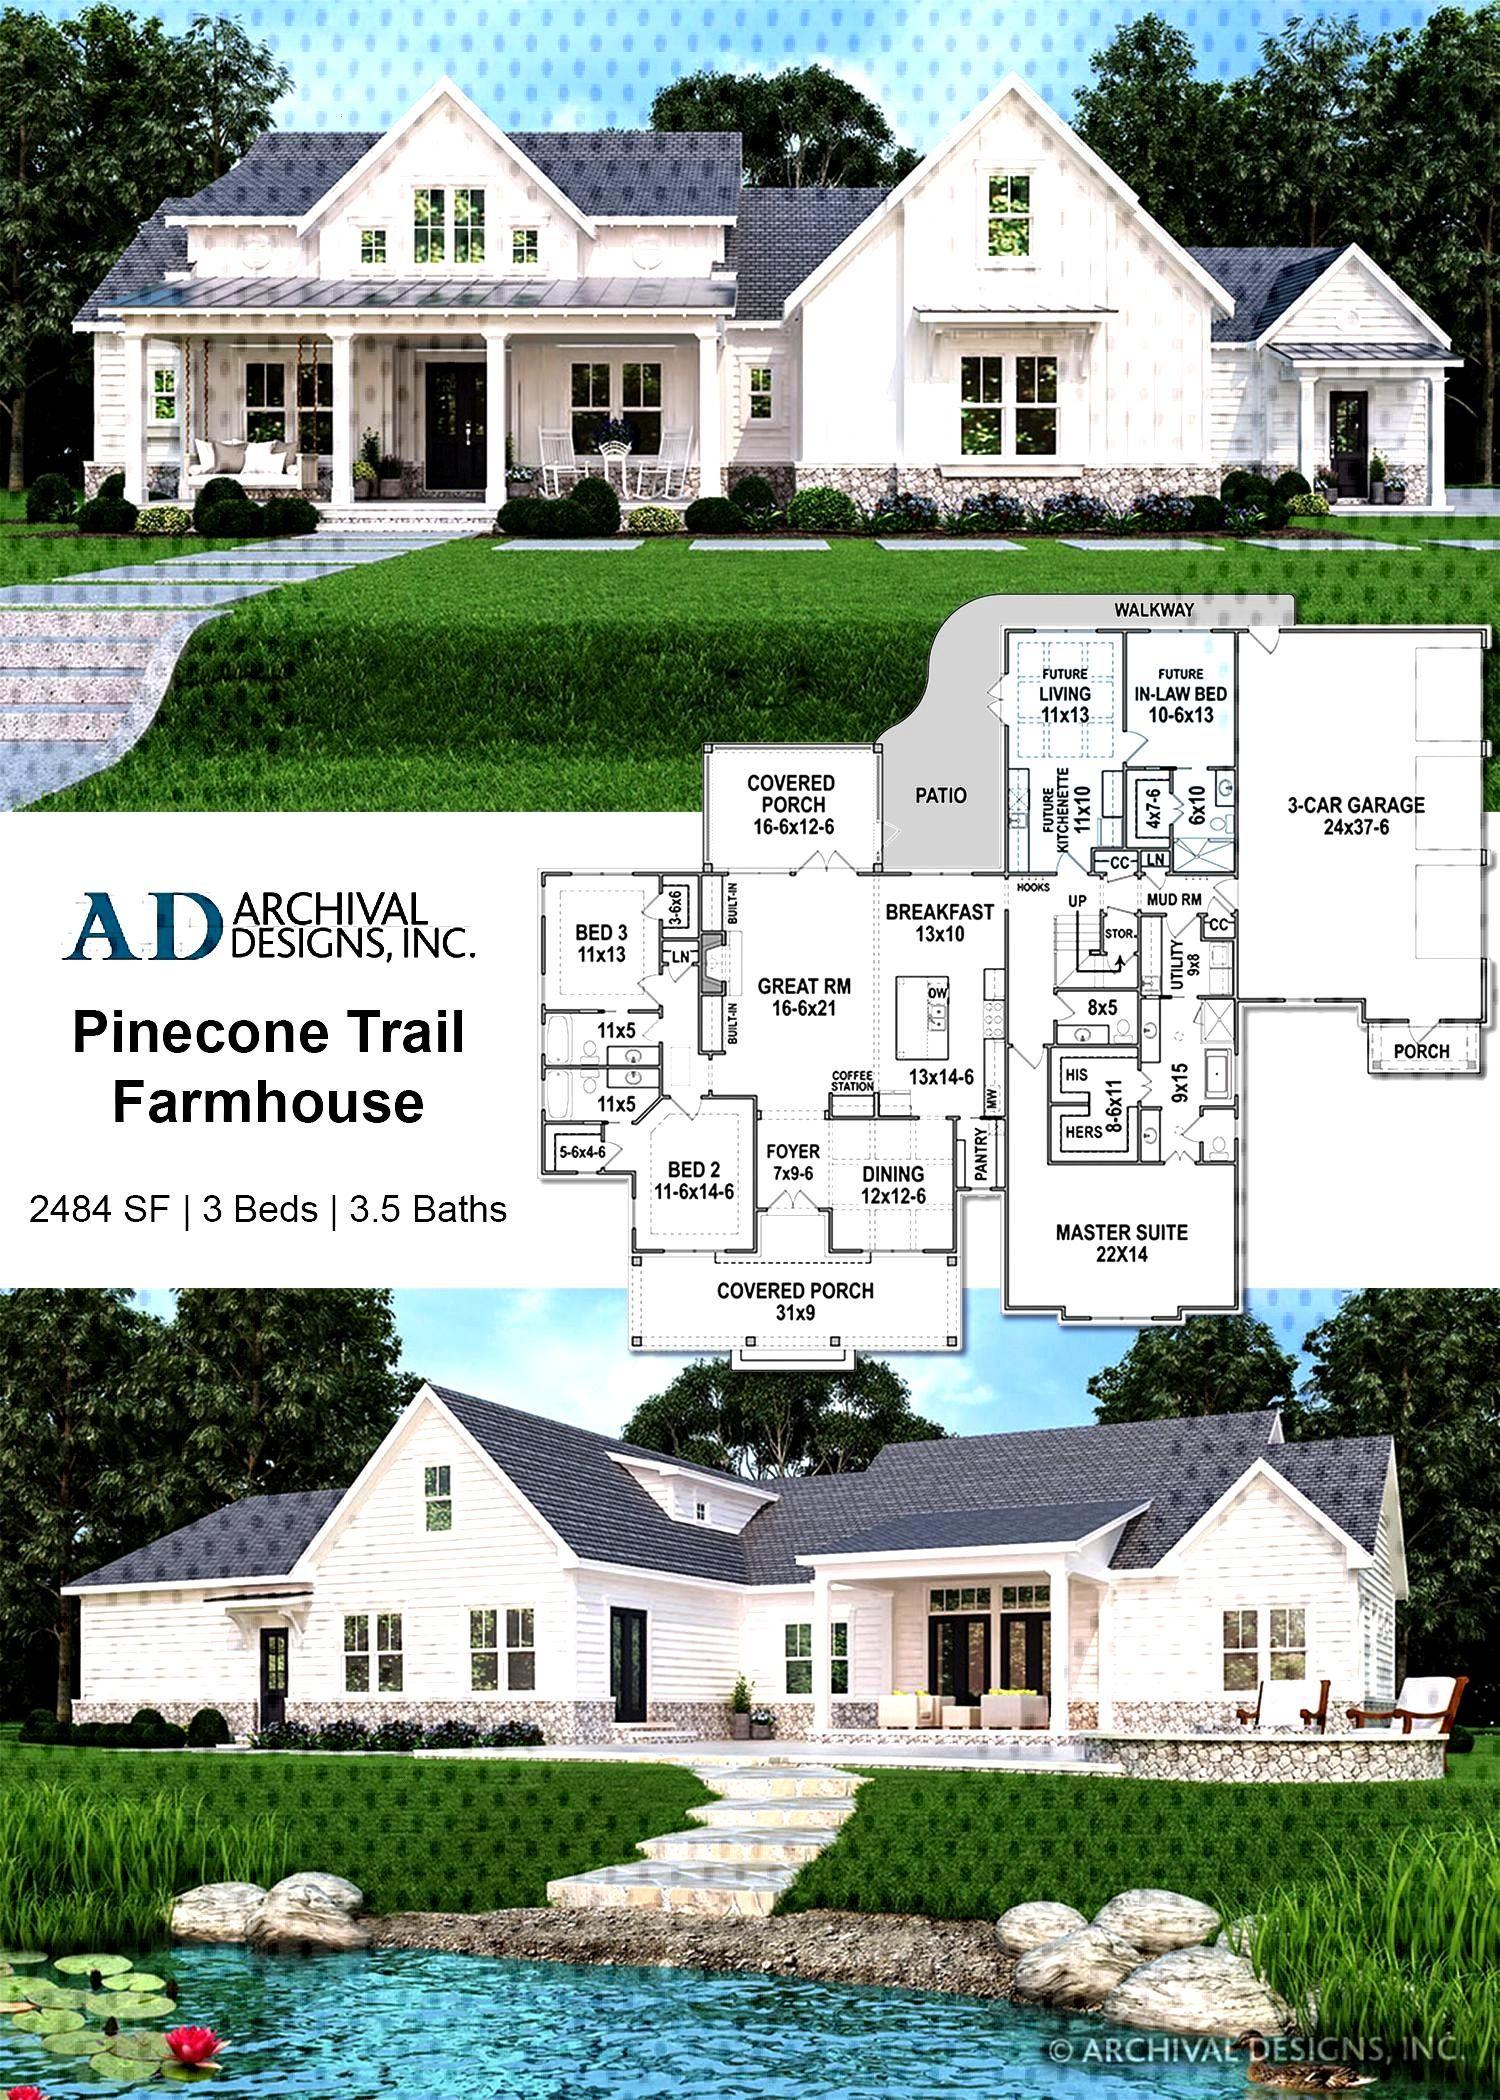 Pinecone Trail Farmhouse Plan